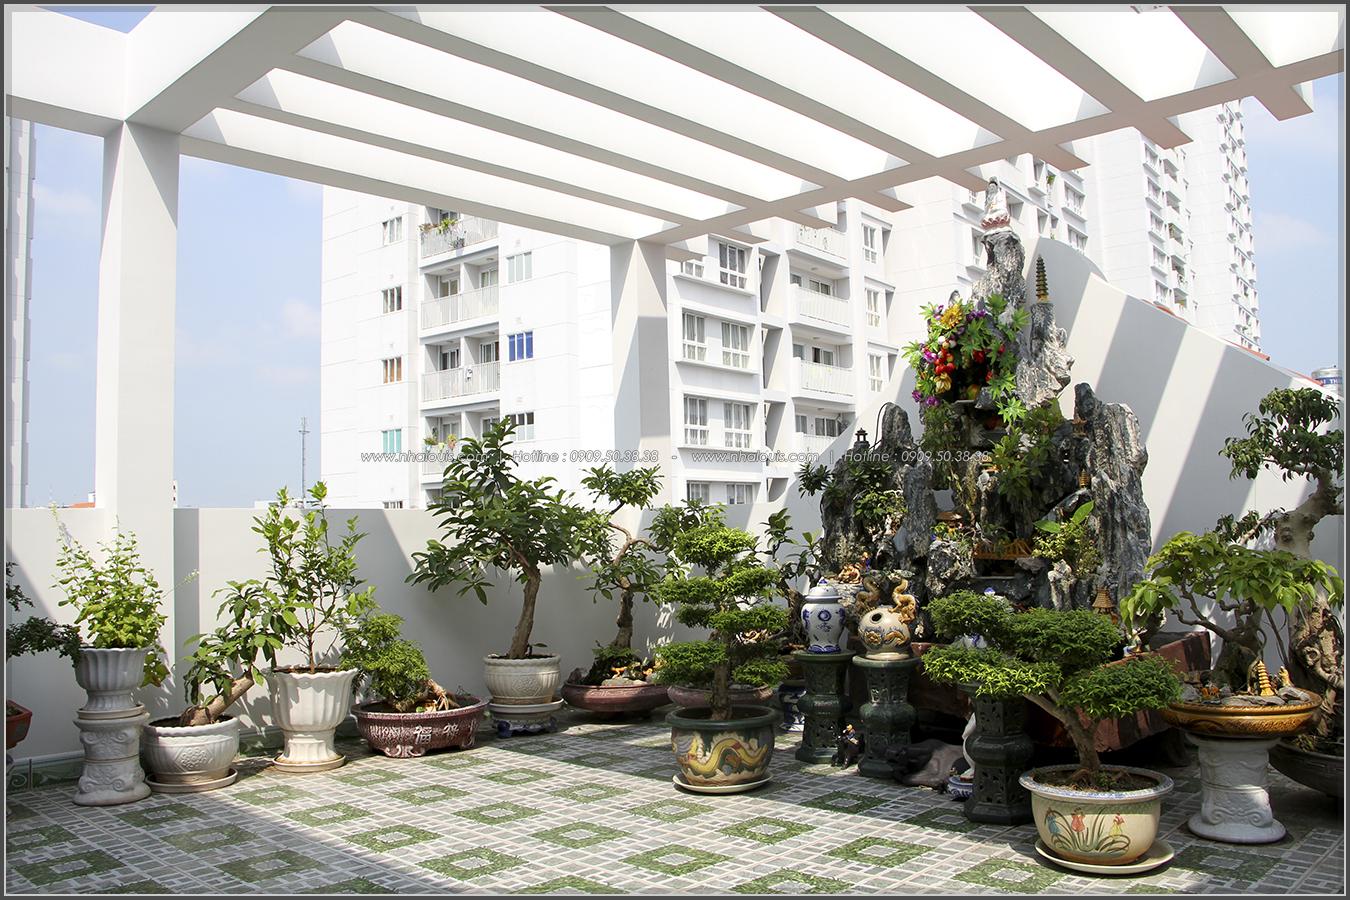 Thi công xây dựng nhà phố 3 tầng hiện đại cực chất tại quận Tân Bình - 22